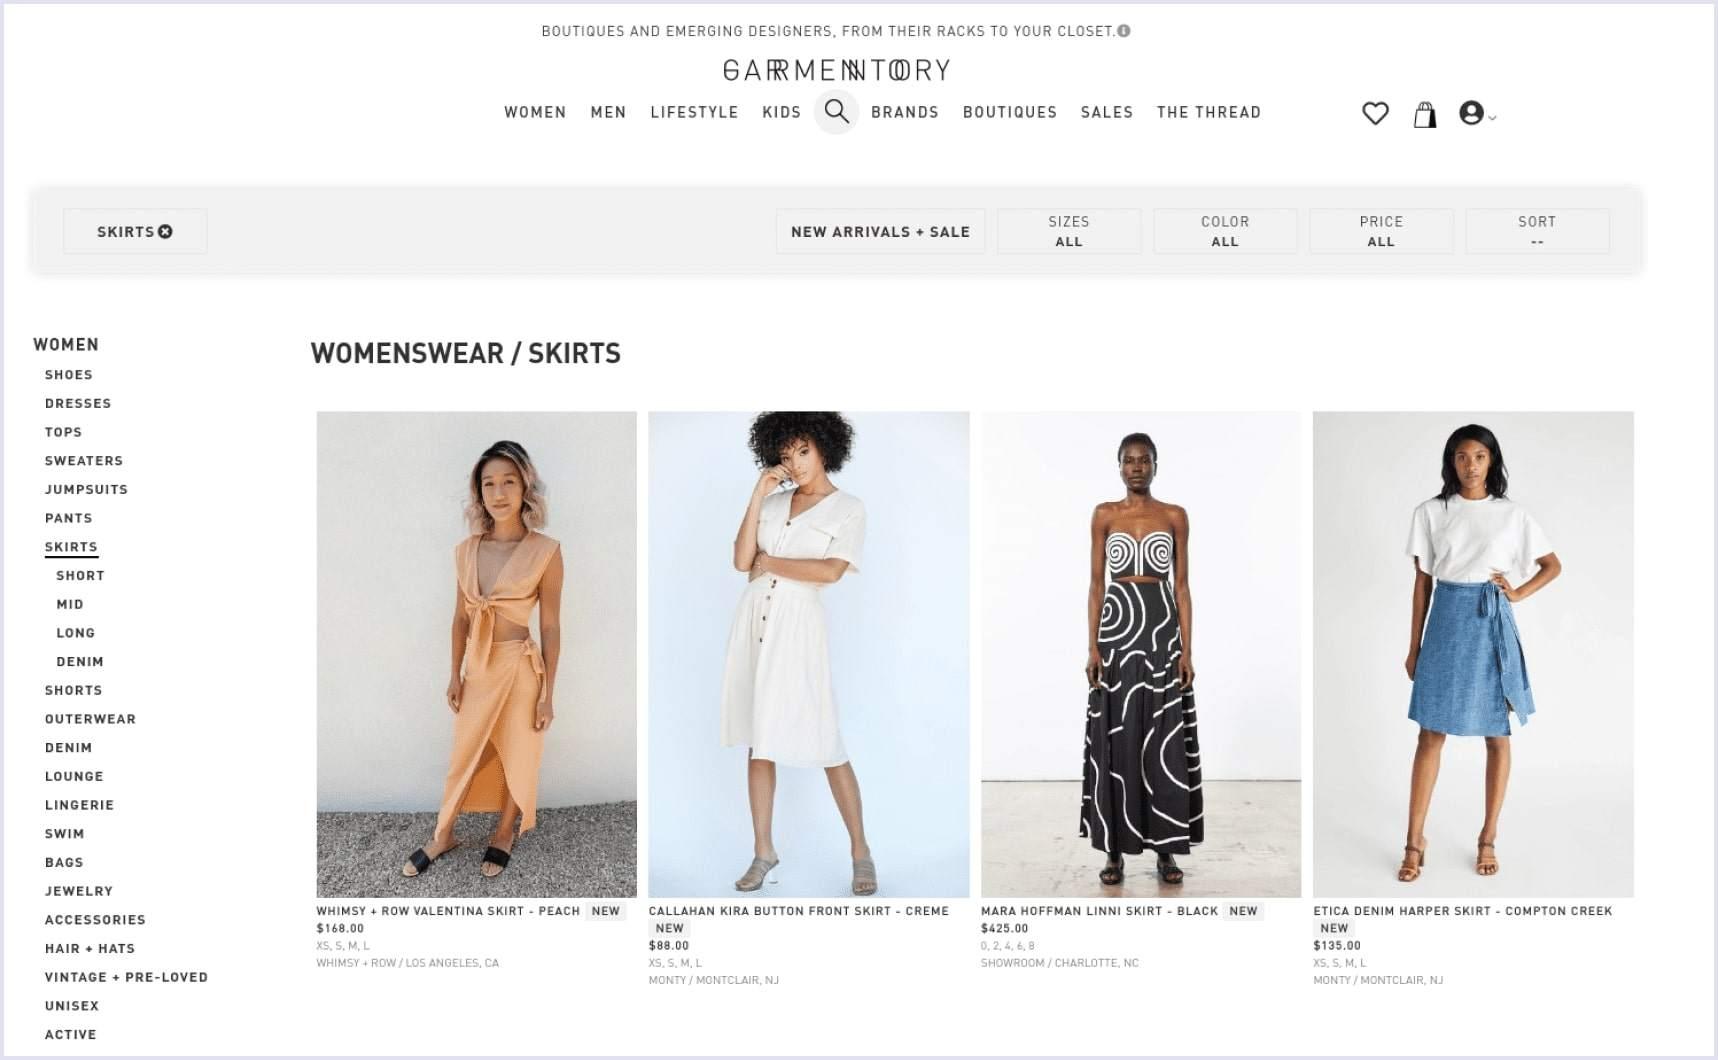 e-commerce site on spree Garmentory | Codica